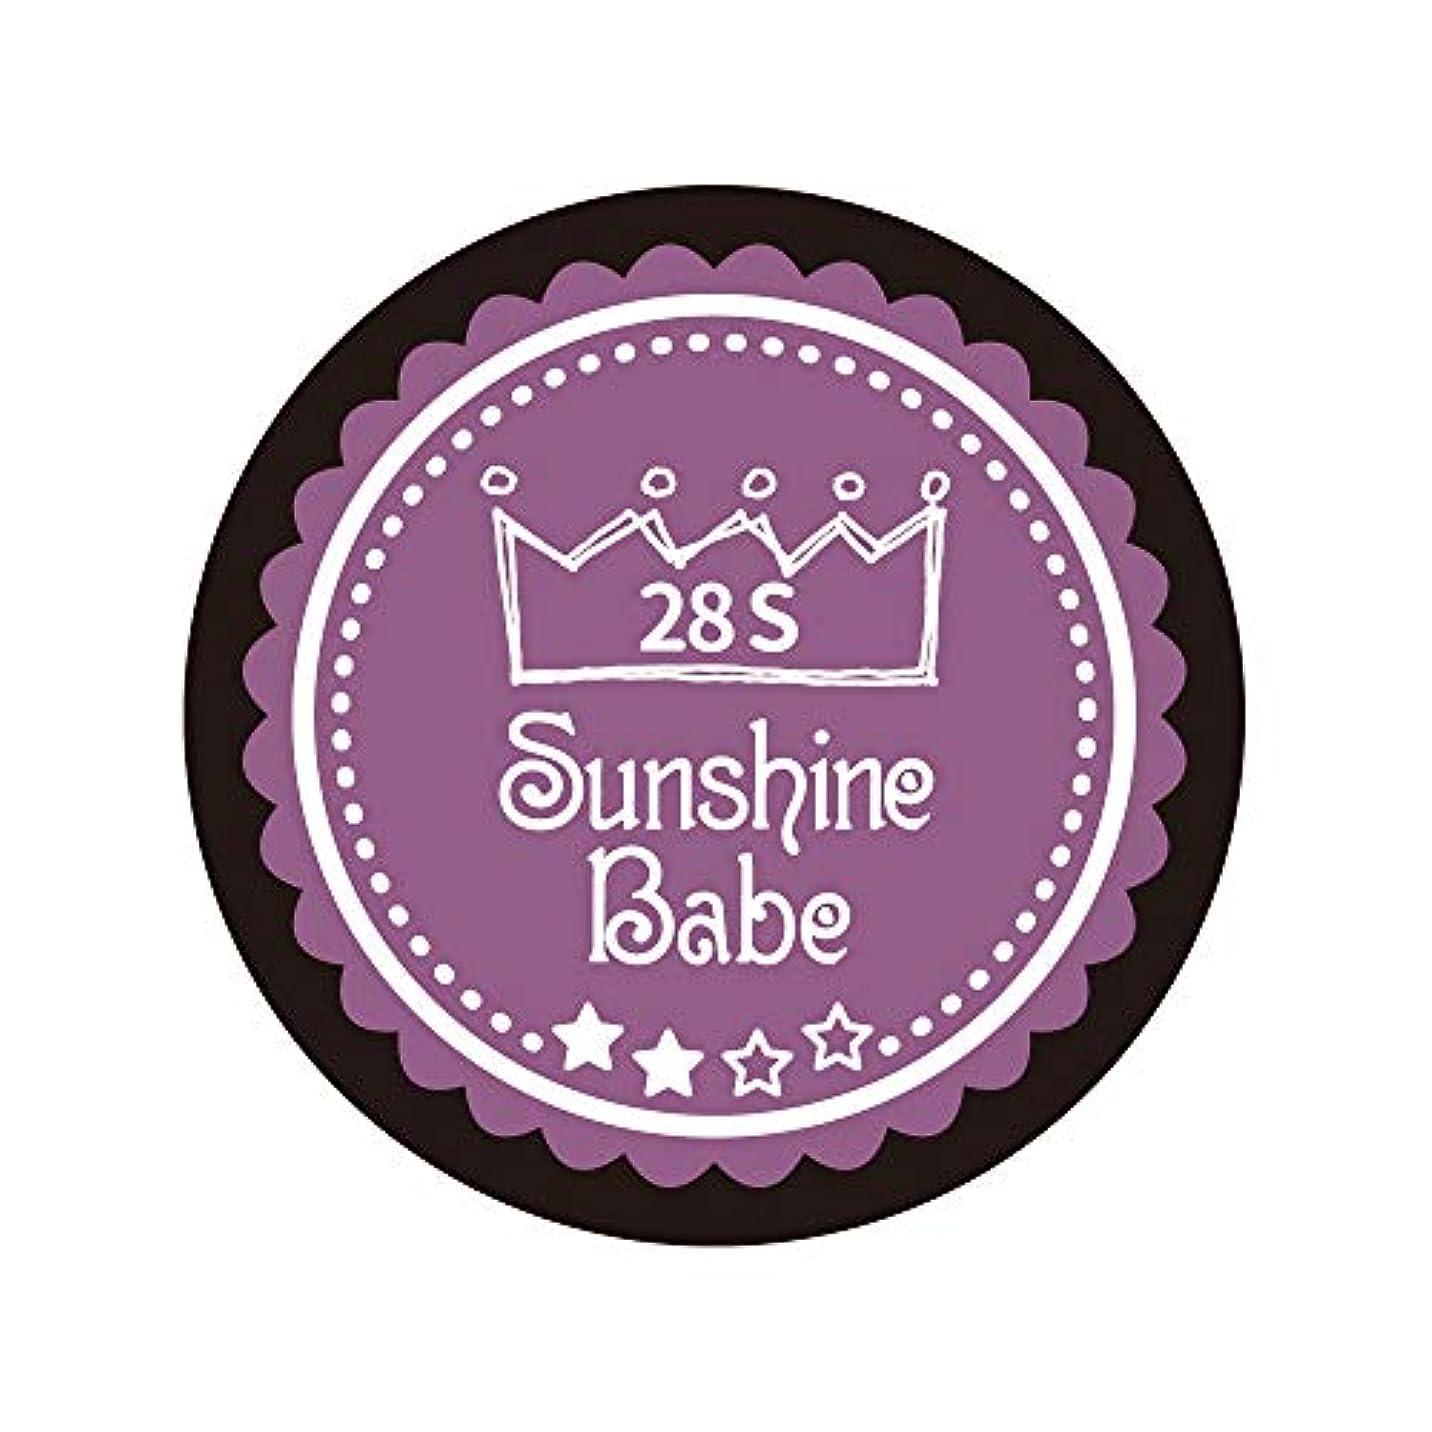 レモンライター亜熱帯Sunshine Babe カラージェル 28S パンジーパープル 2.7g UV/LED対応